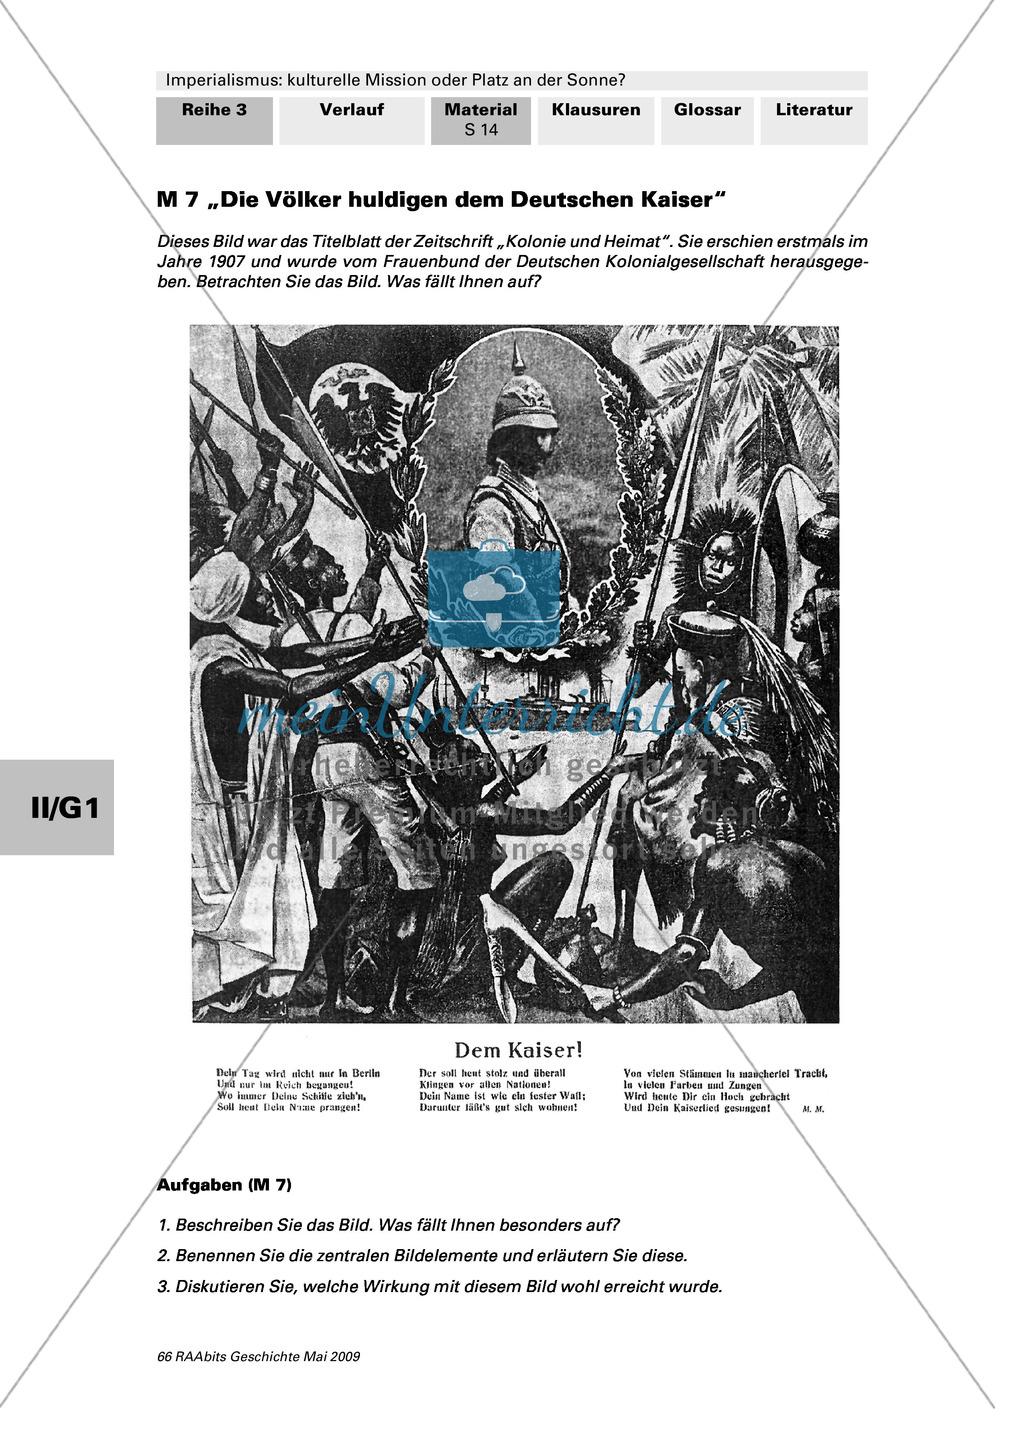 Imperialismus: Bedeutung der deutschen Kolonialbewegung: Titelblatt: